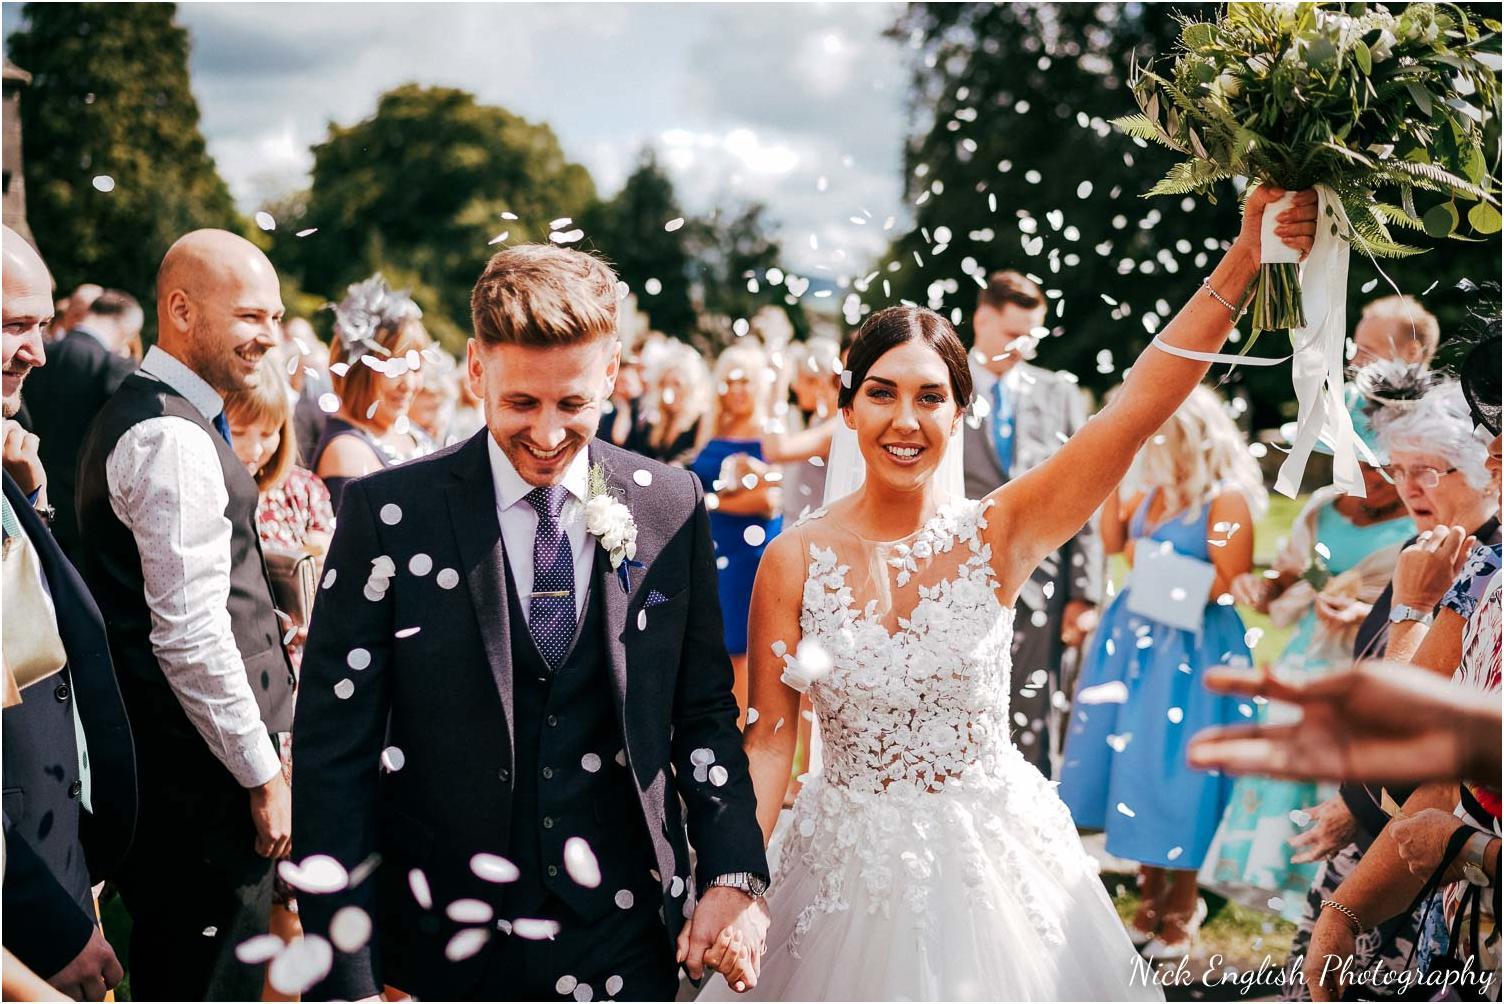 Browsholme_Hall_Barn_Wedding_Nick_English_Photography-60.jpg